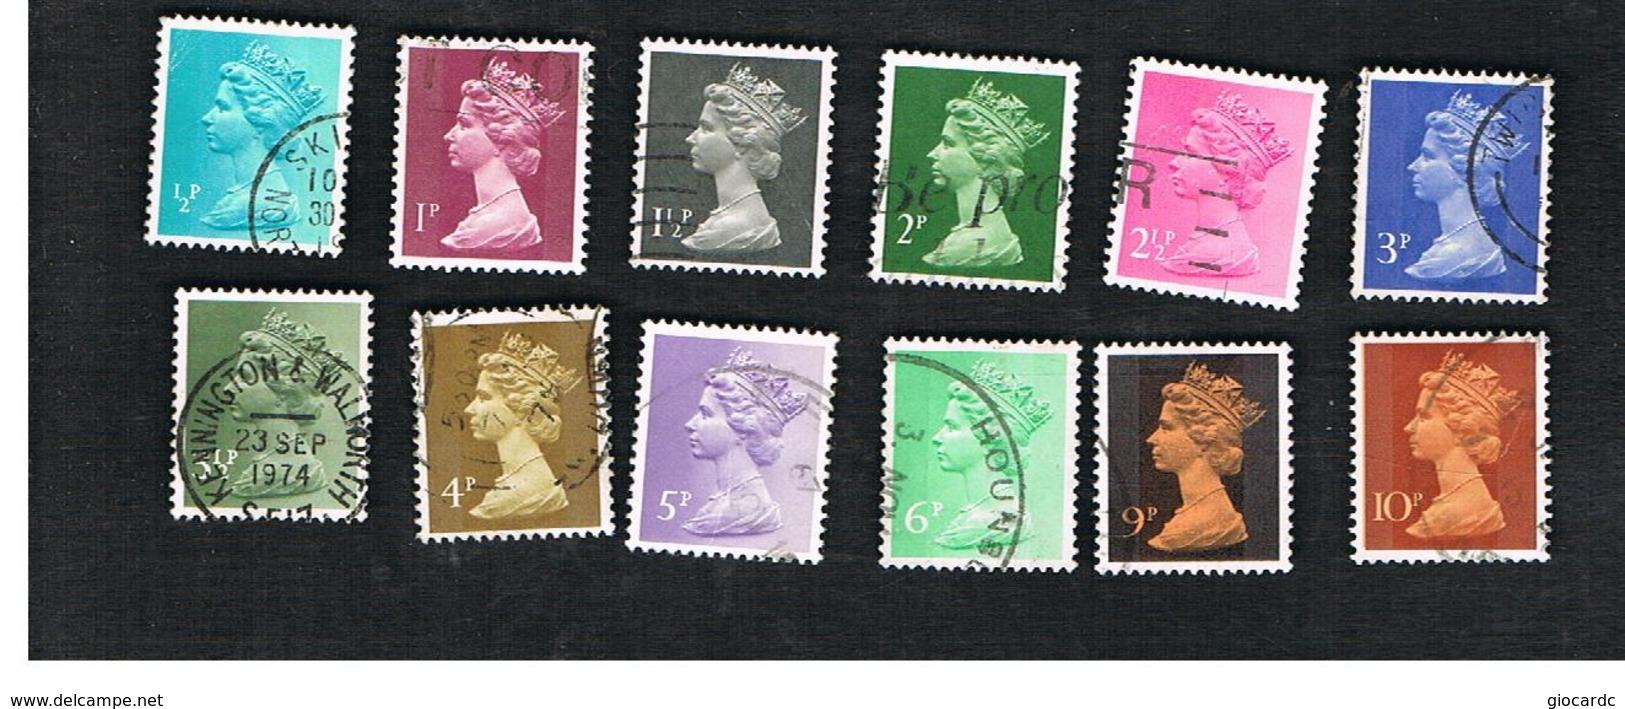 GRAN BRETAGNA (UNITED KINGDOM) -  SG X841.885 -  1971 QUEEN ELIZABETH II   - USED° - Usati